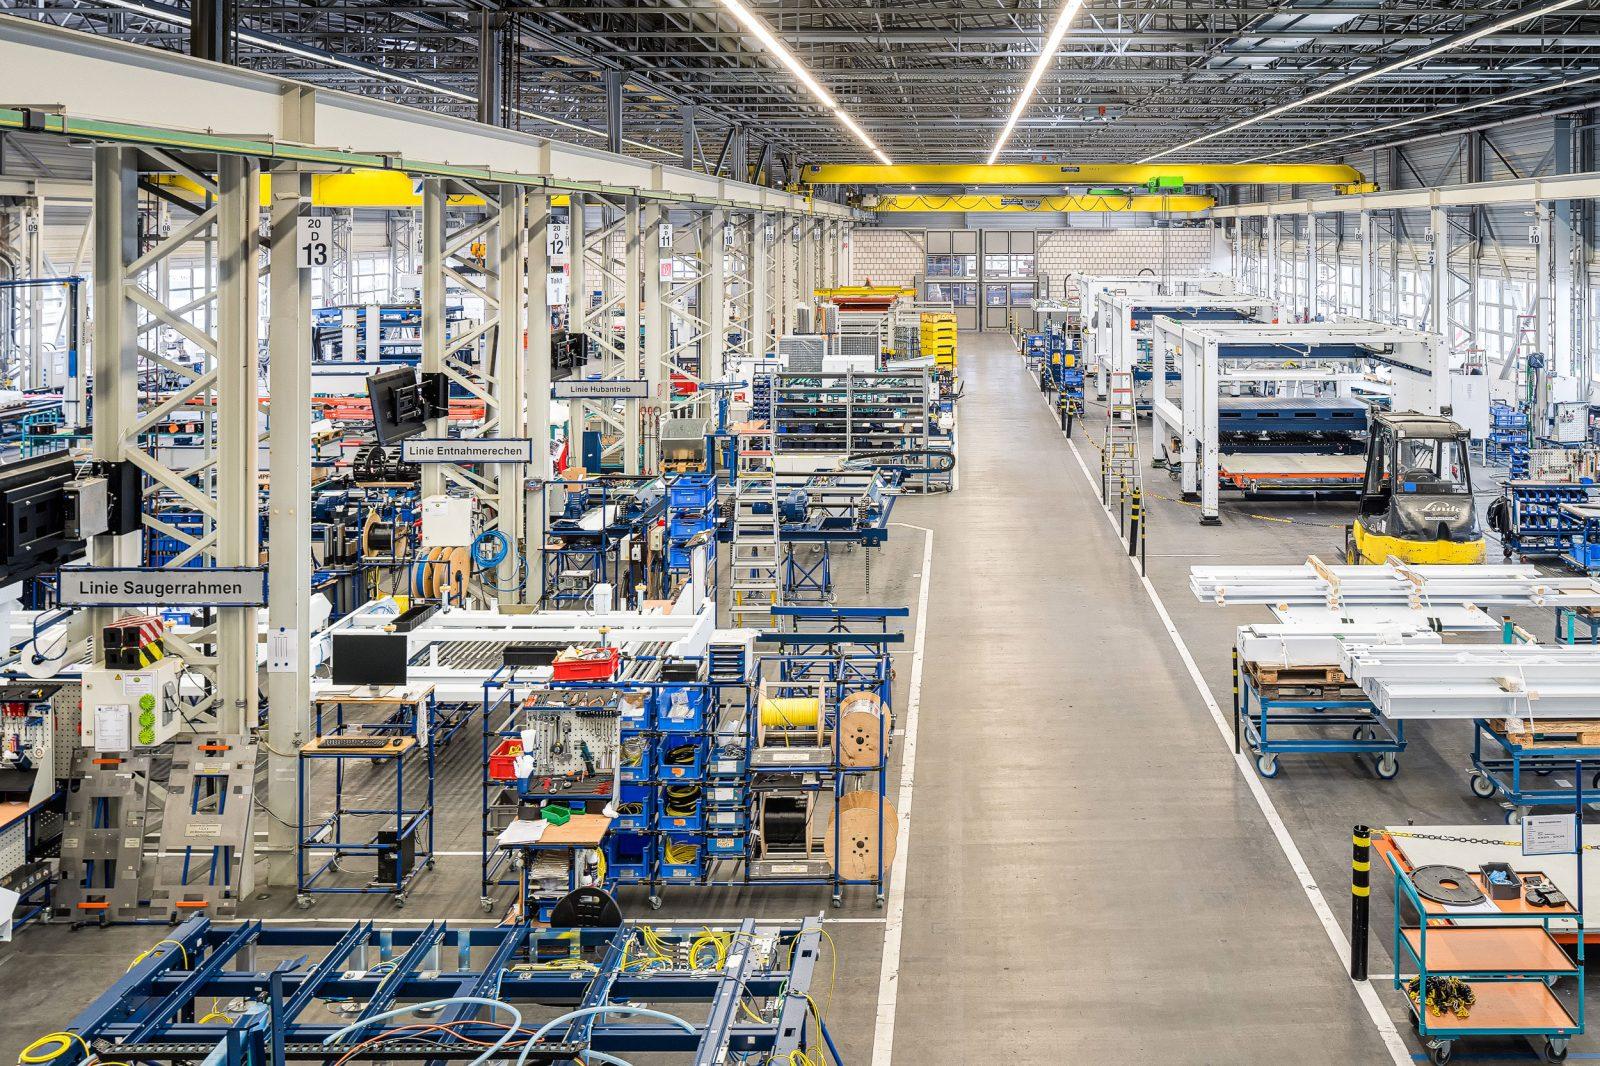 Produktionshalle / Trumpf Sachsen GmbH